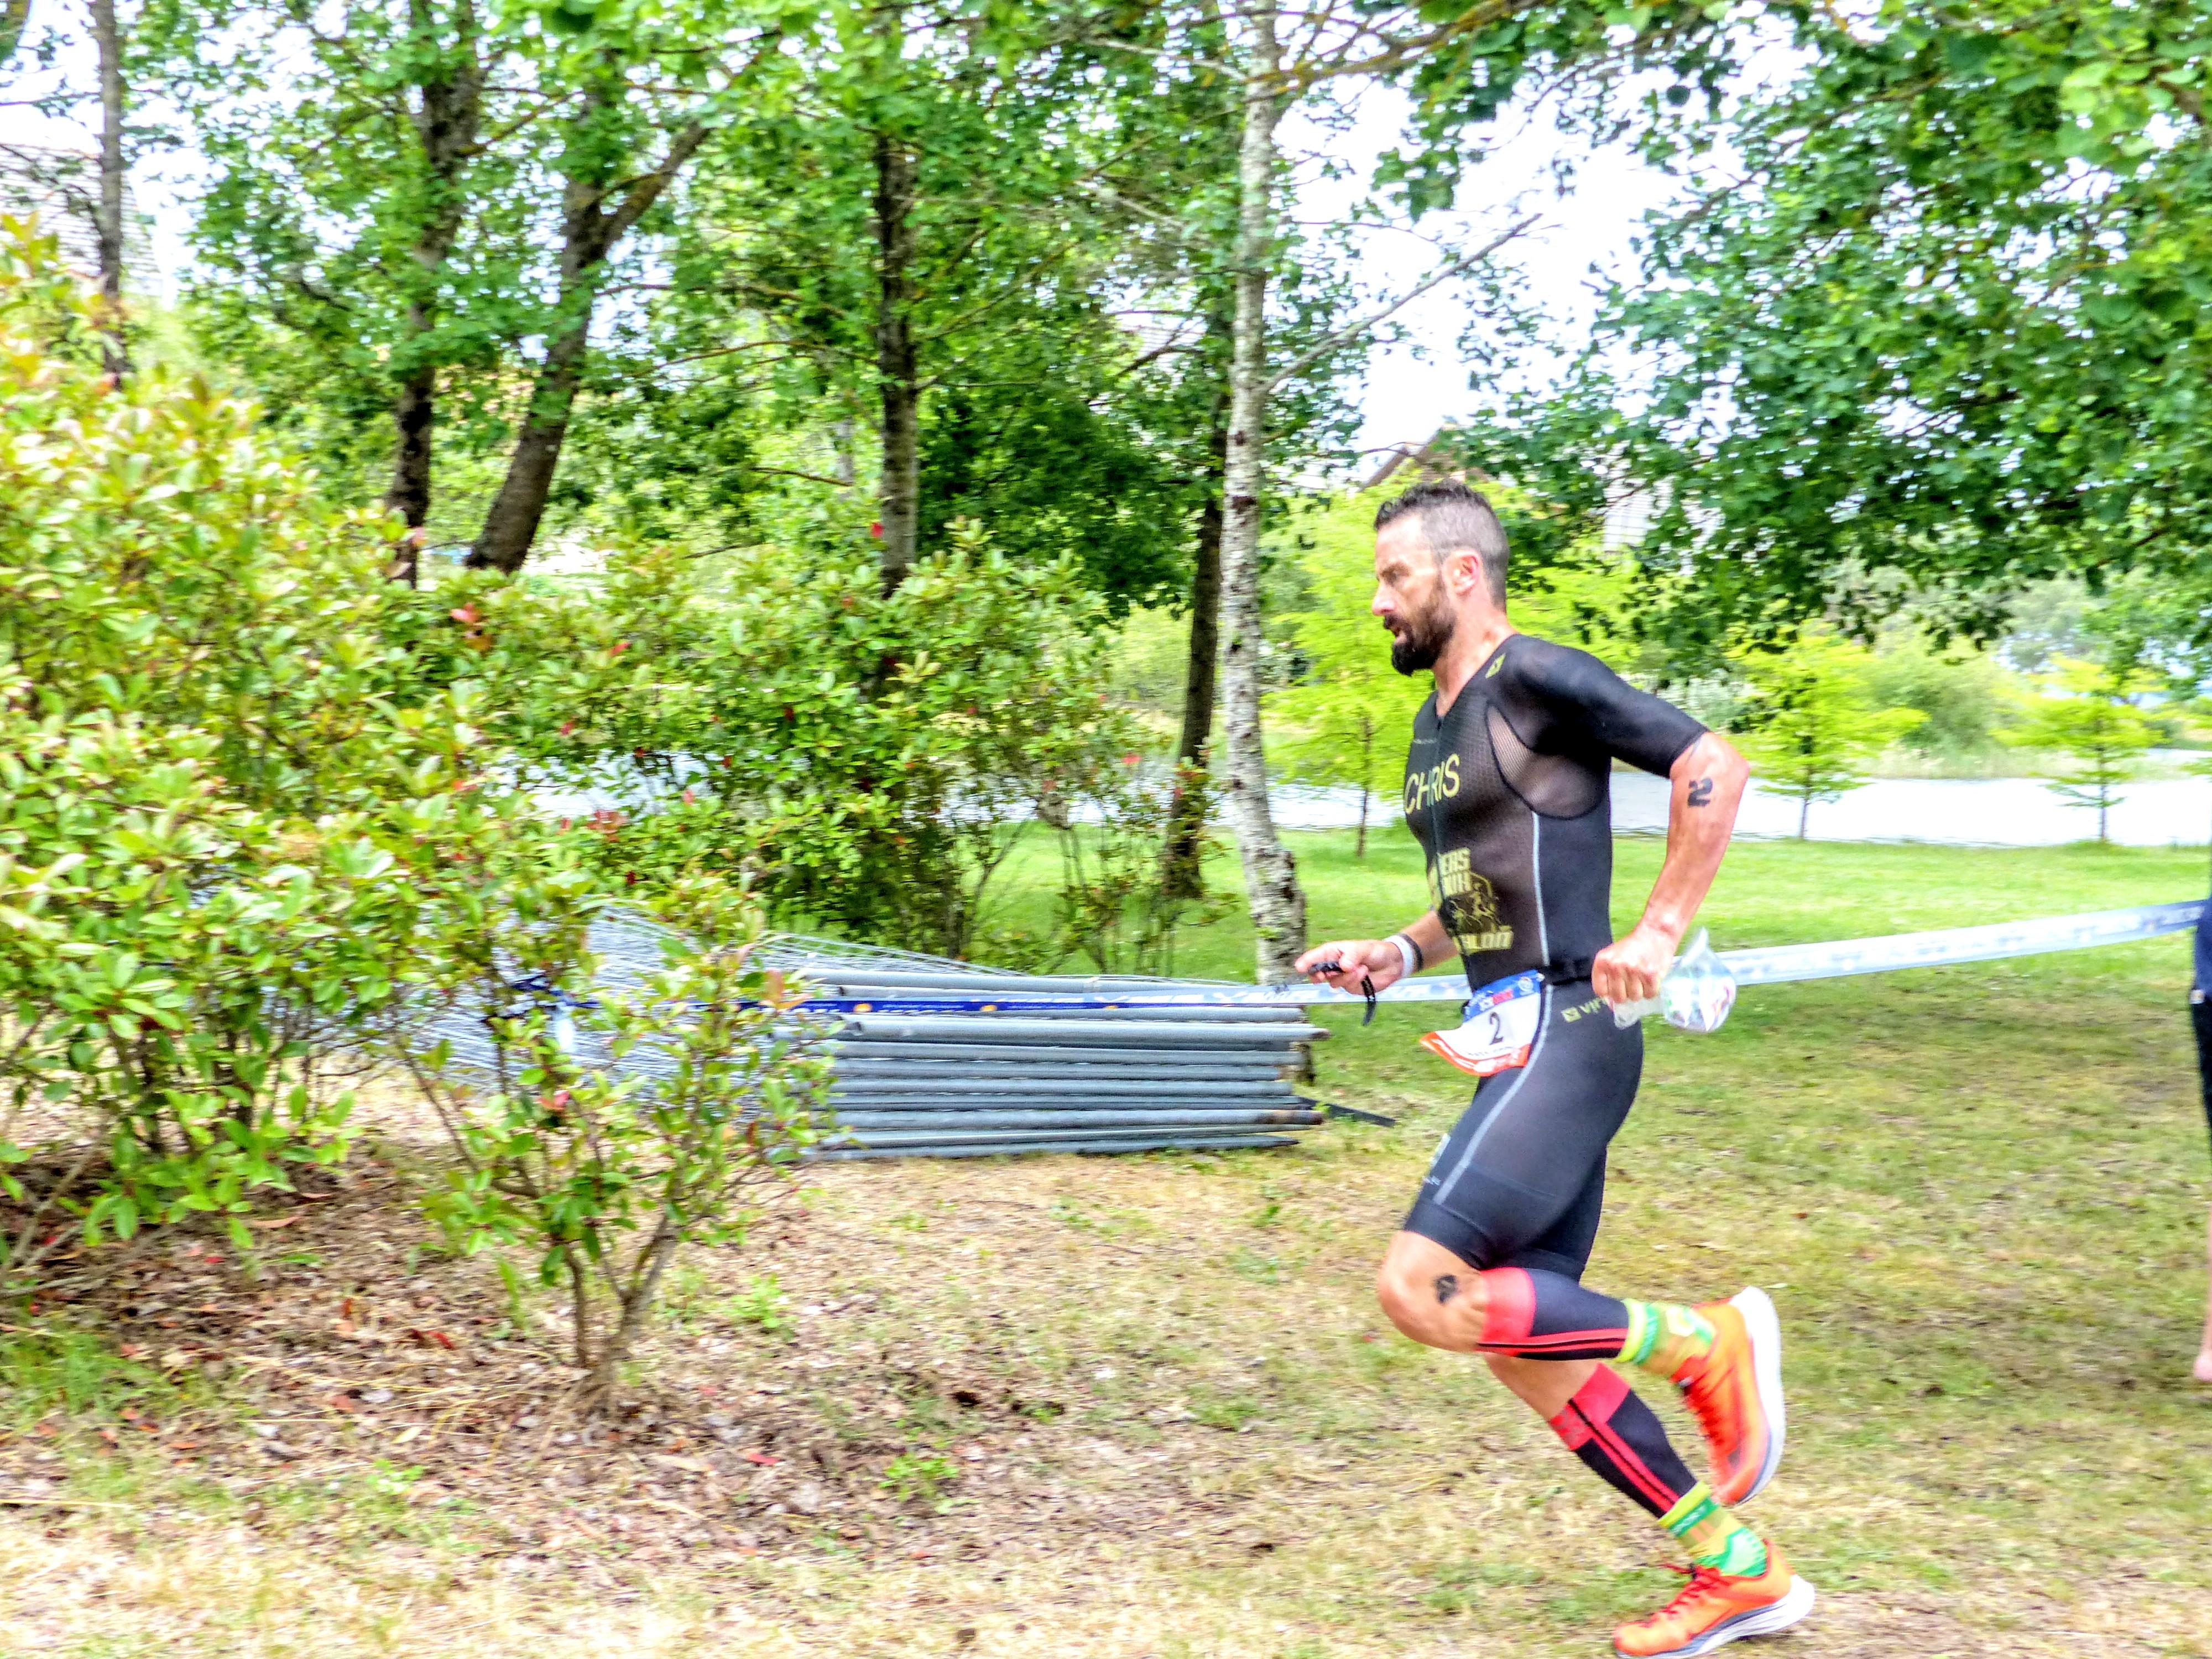 4 astuces pour perdre du poids en triathlon - Coaching triathlon - Vos entrainements